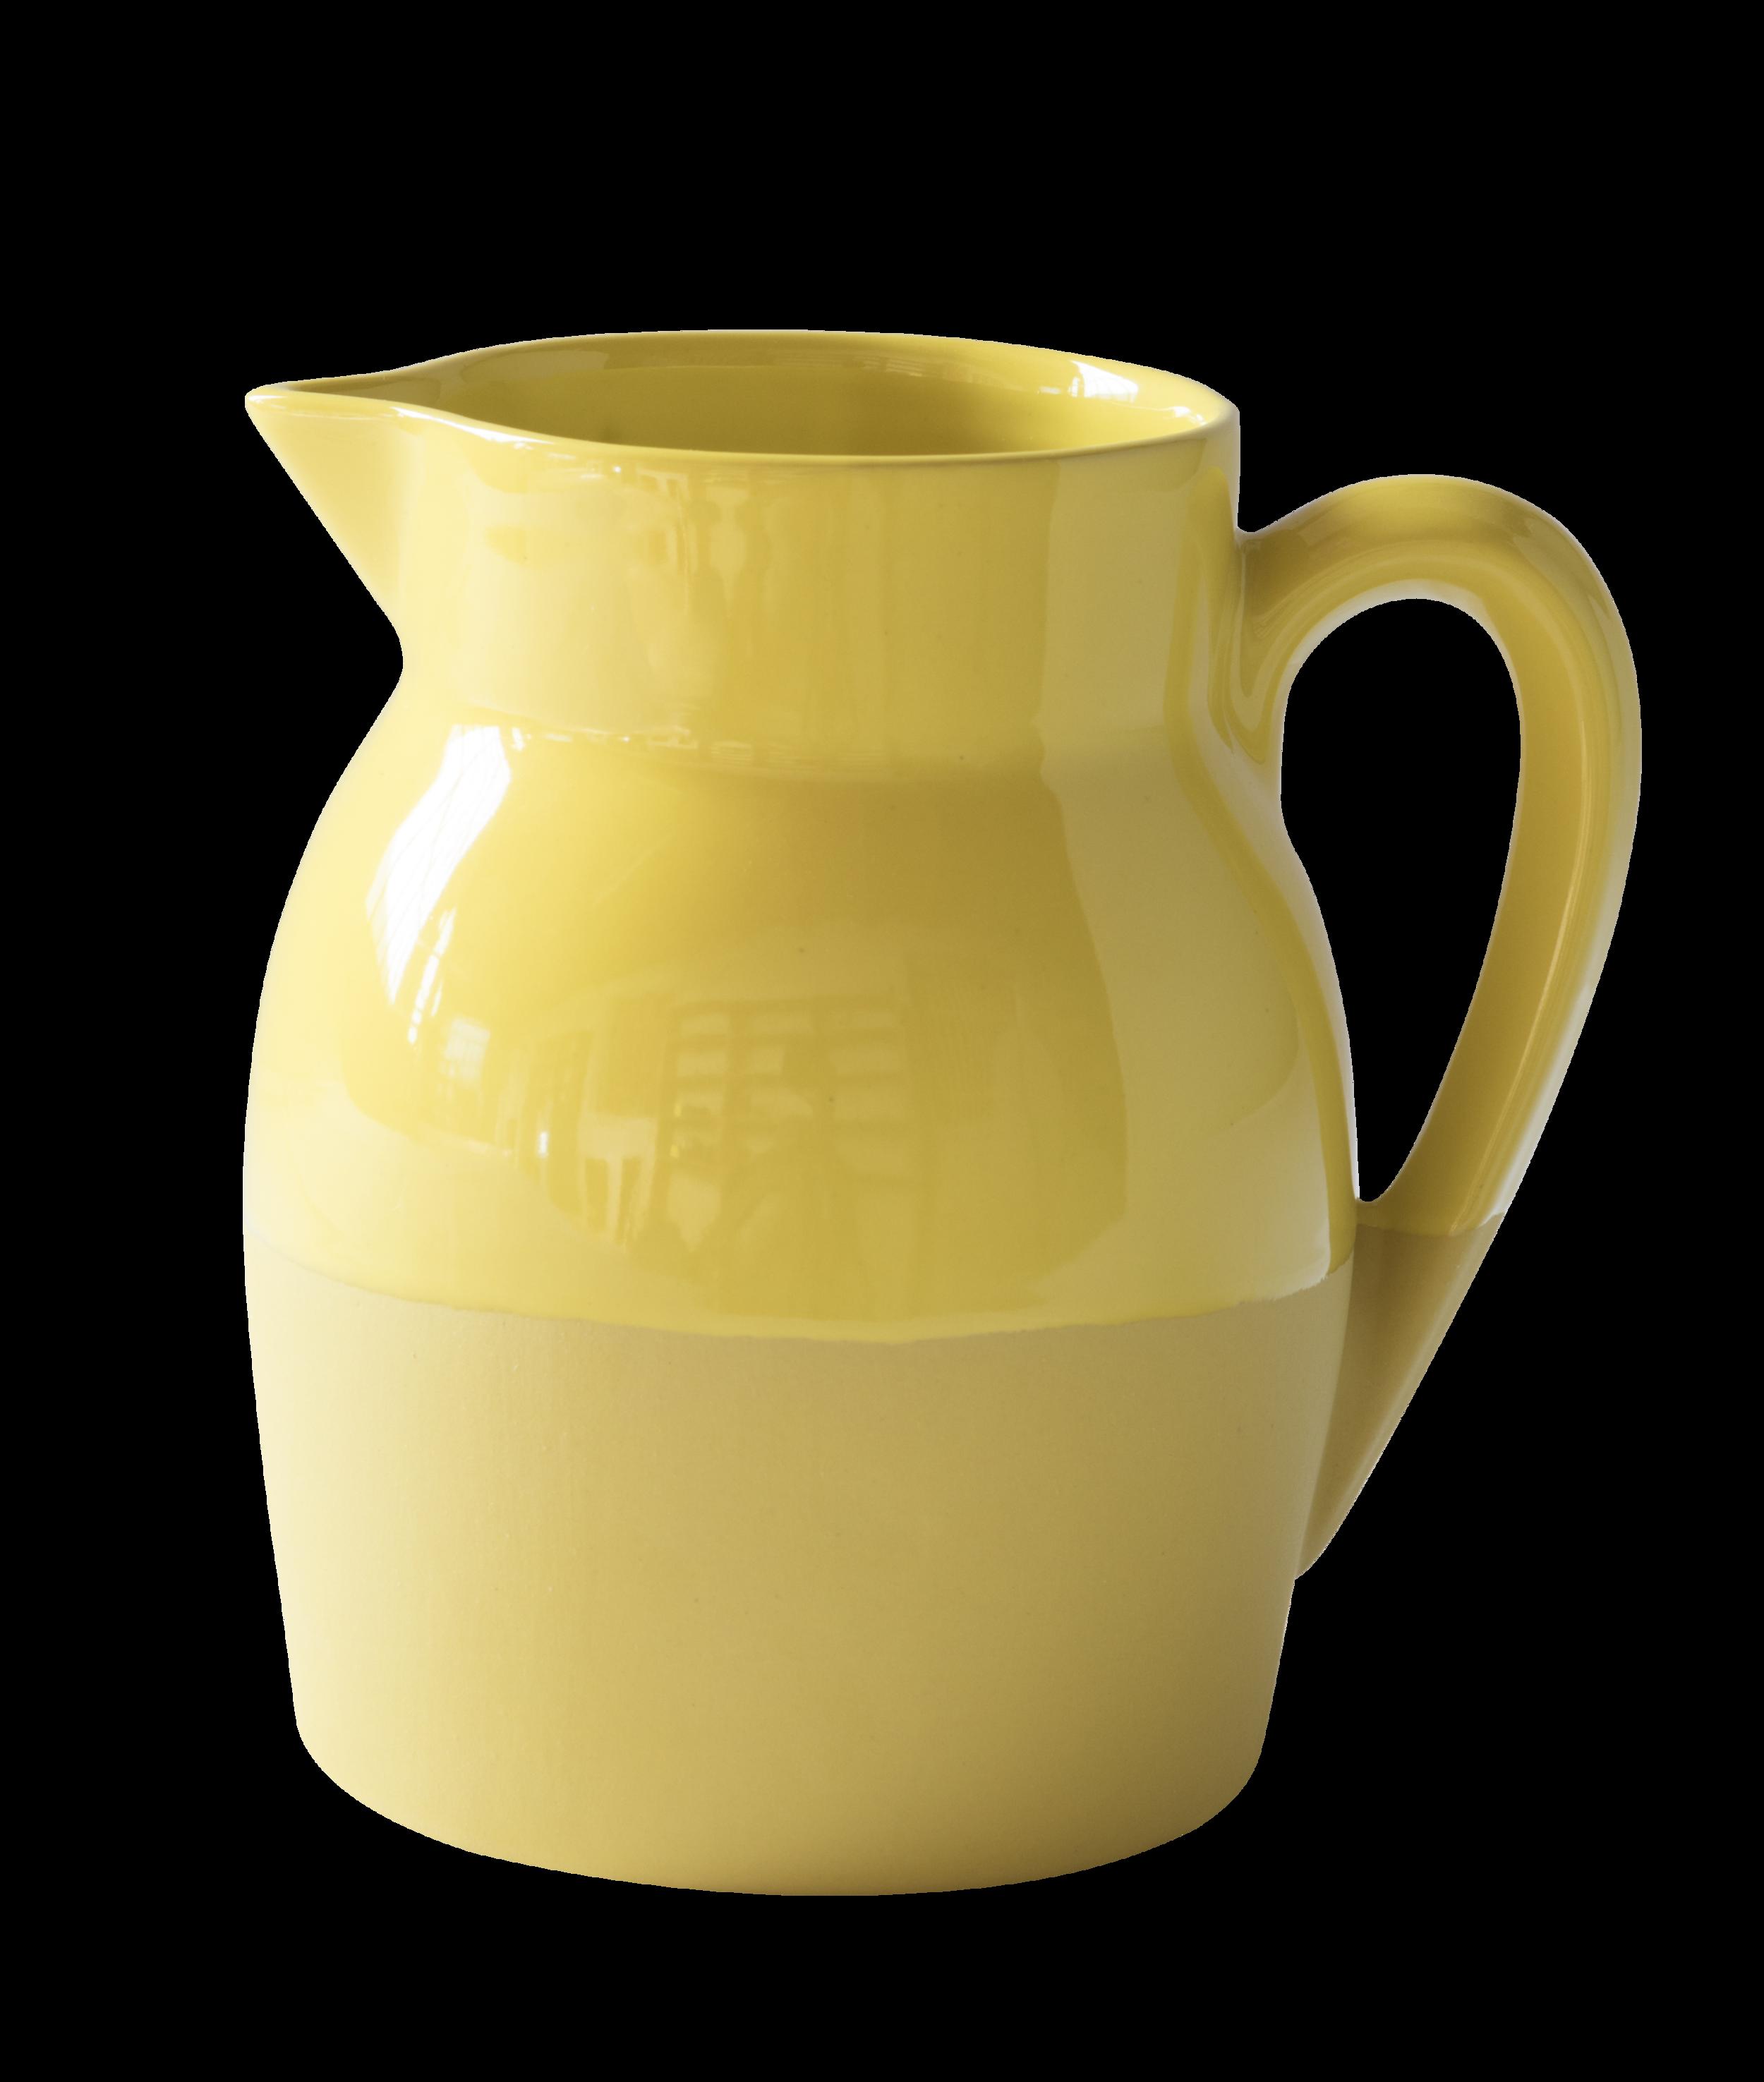 Pichet d'eau - Jaune moutarde